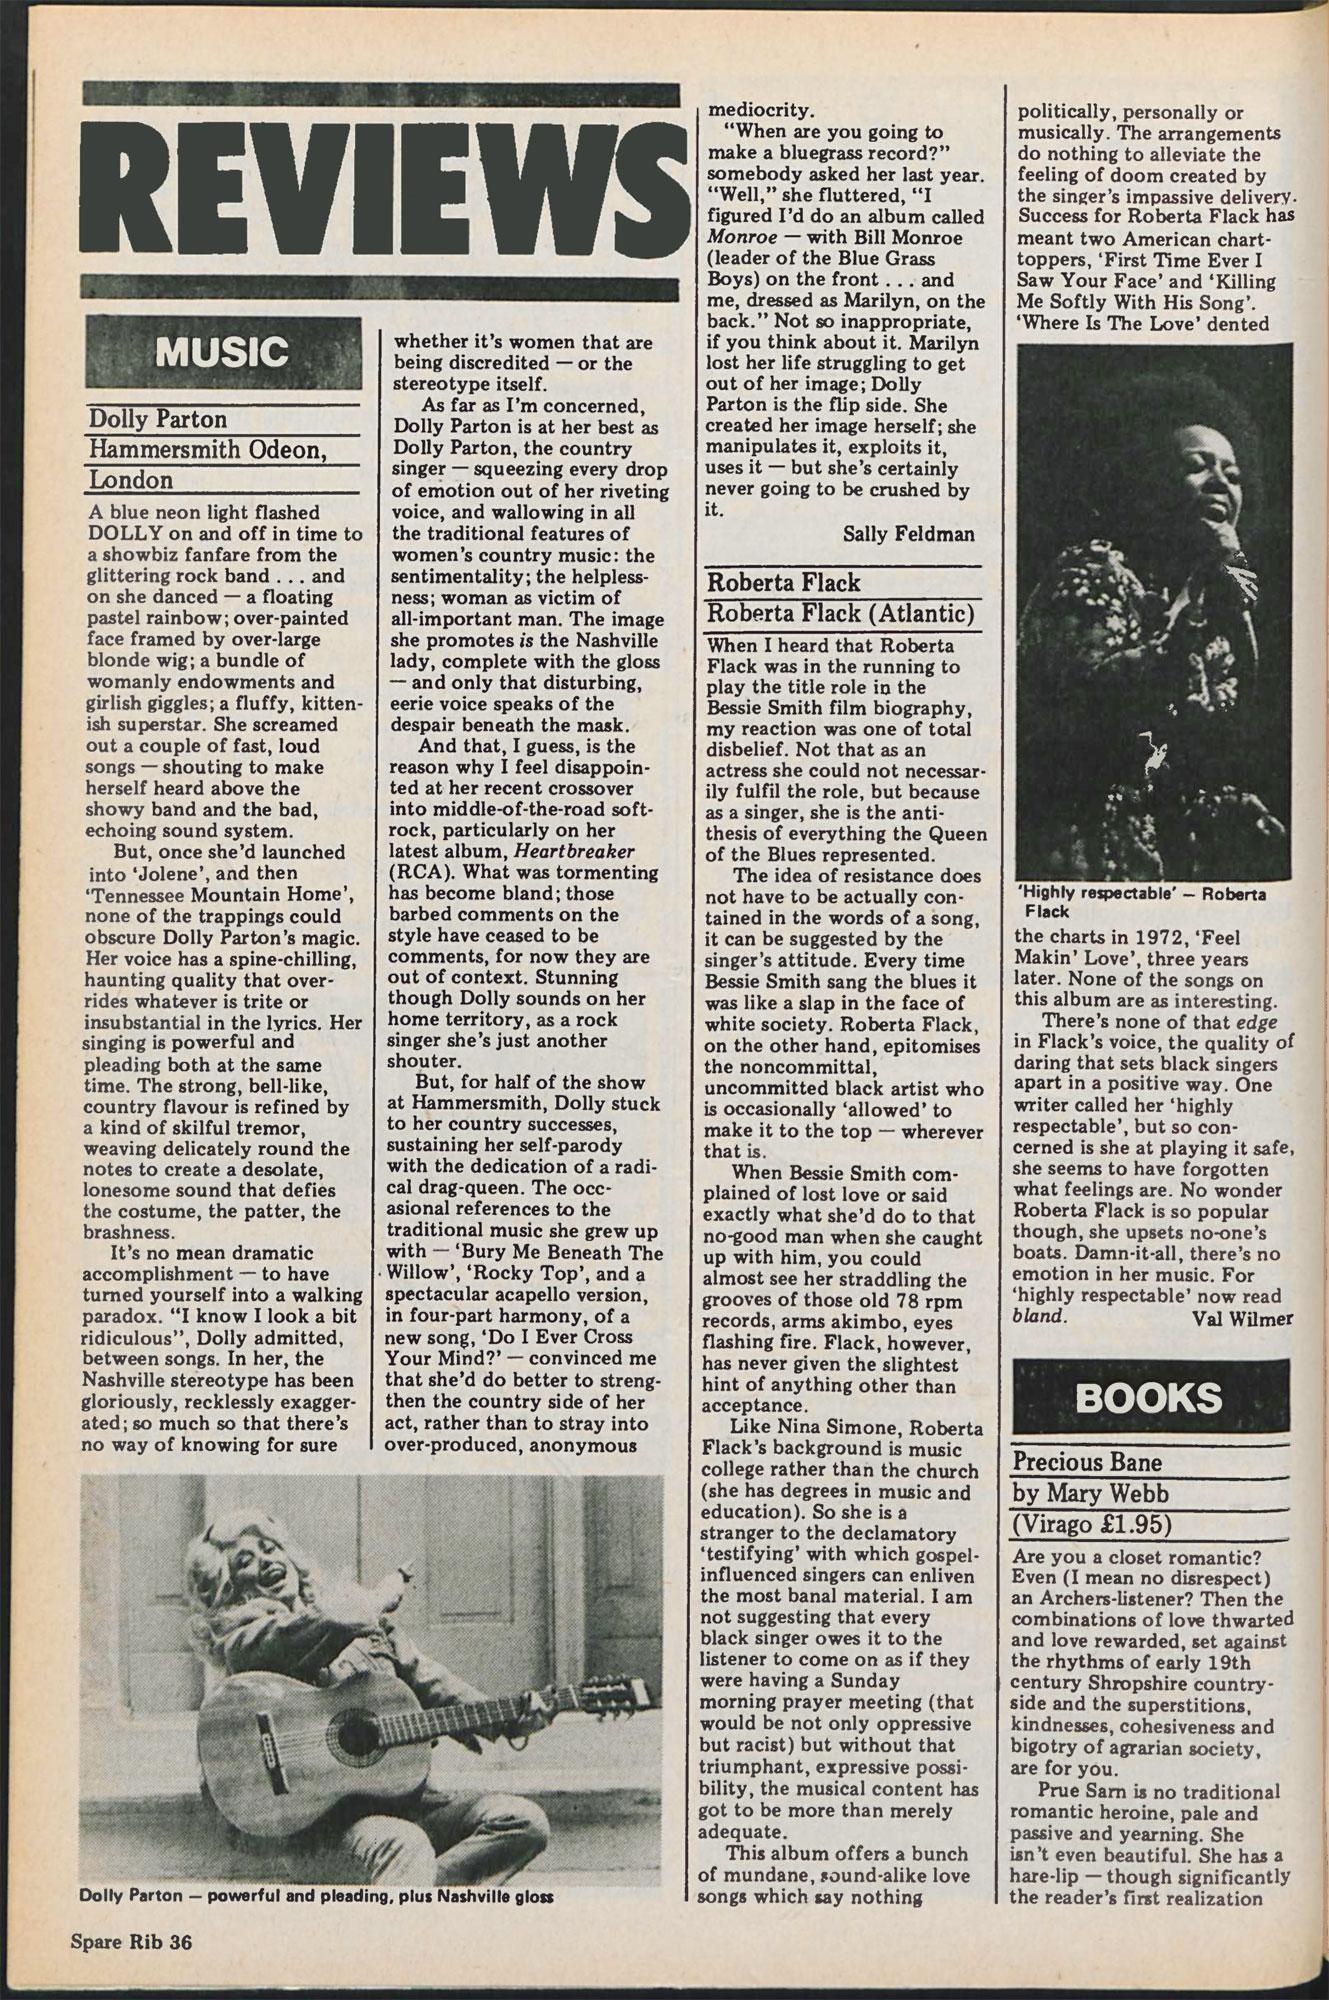 Spare Rib magazine issue 79 p. 36